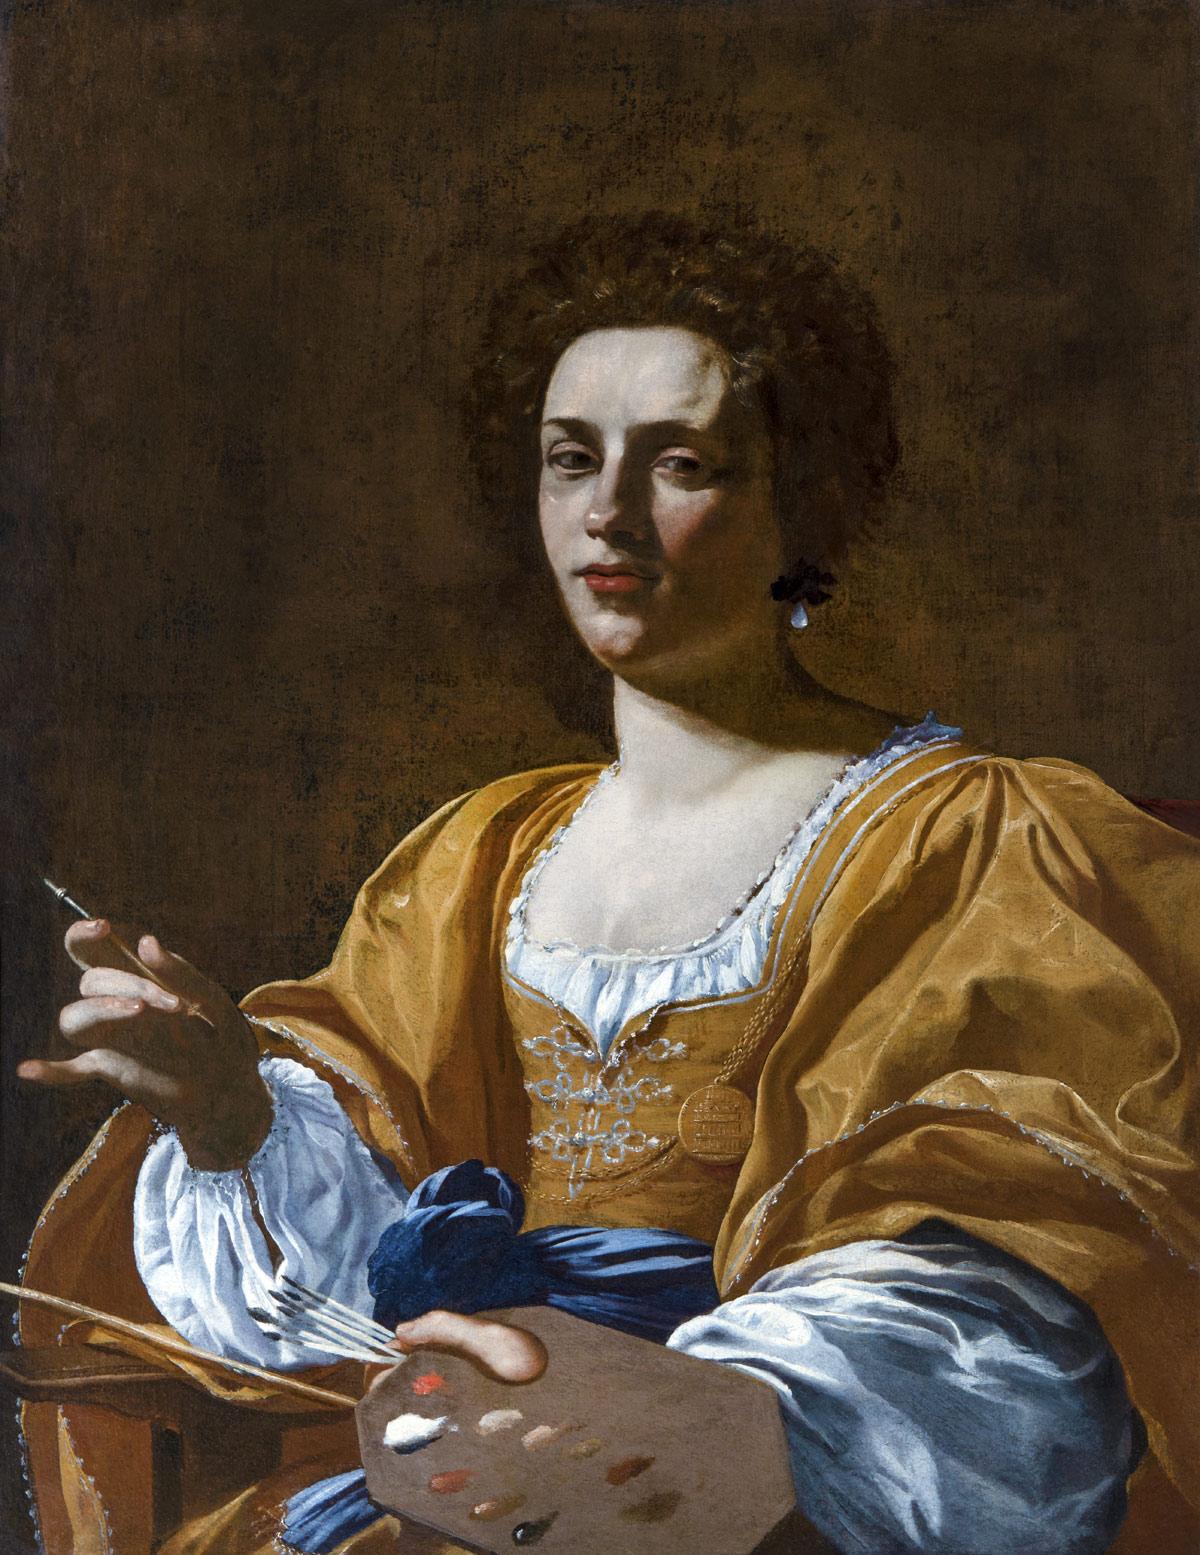 Pisa si arricchisce di un prezioso ritratto di Artemisia Gentileschi, creato da Simon Vouet: l'opera acquistata per Palazzo Blu